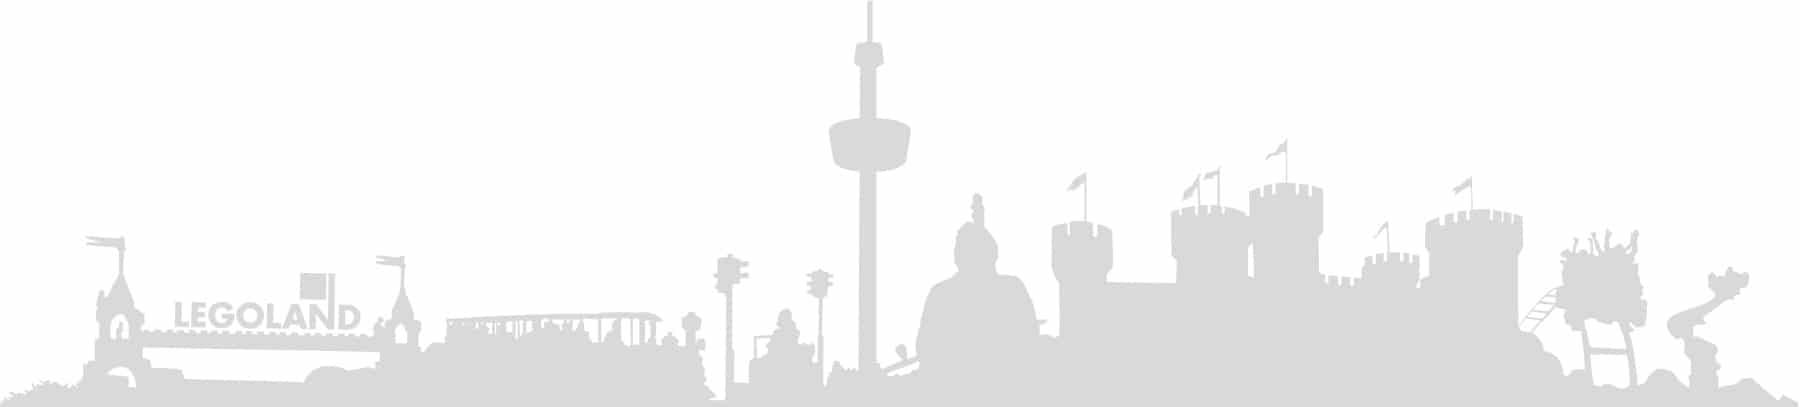 LEGOLAND Skyline